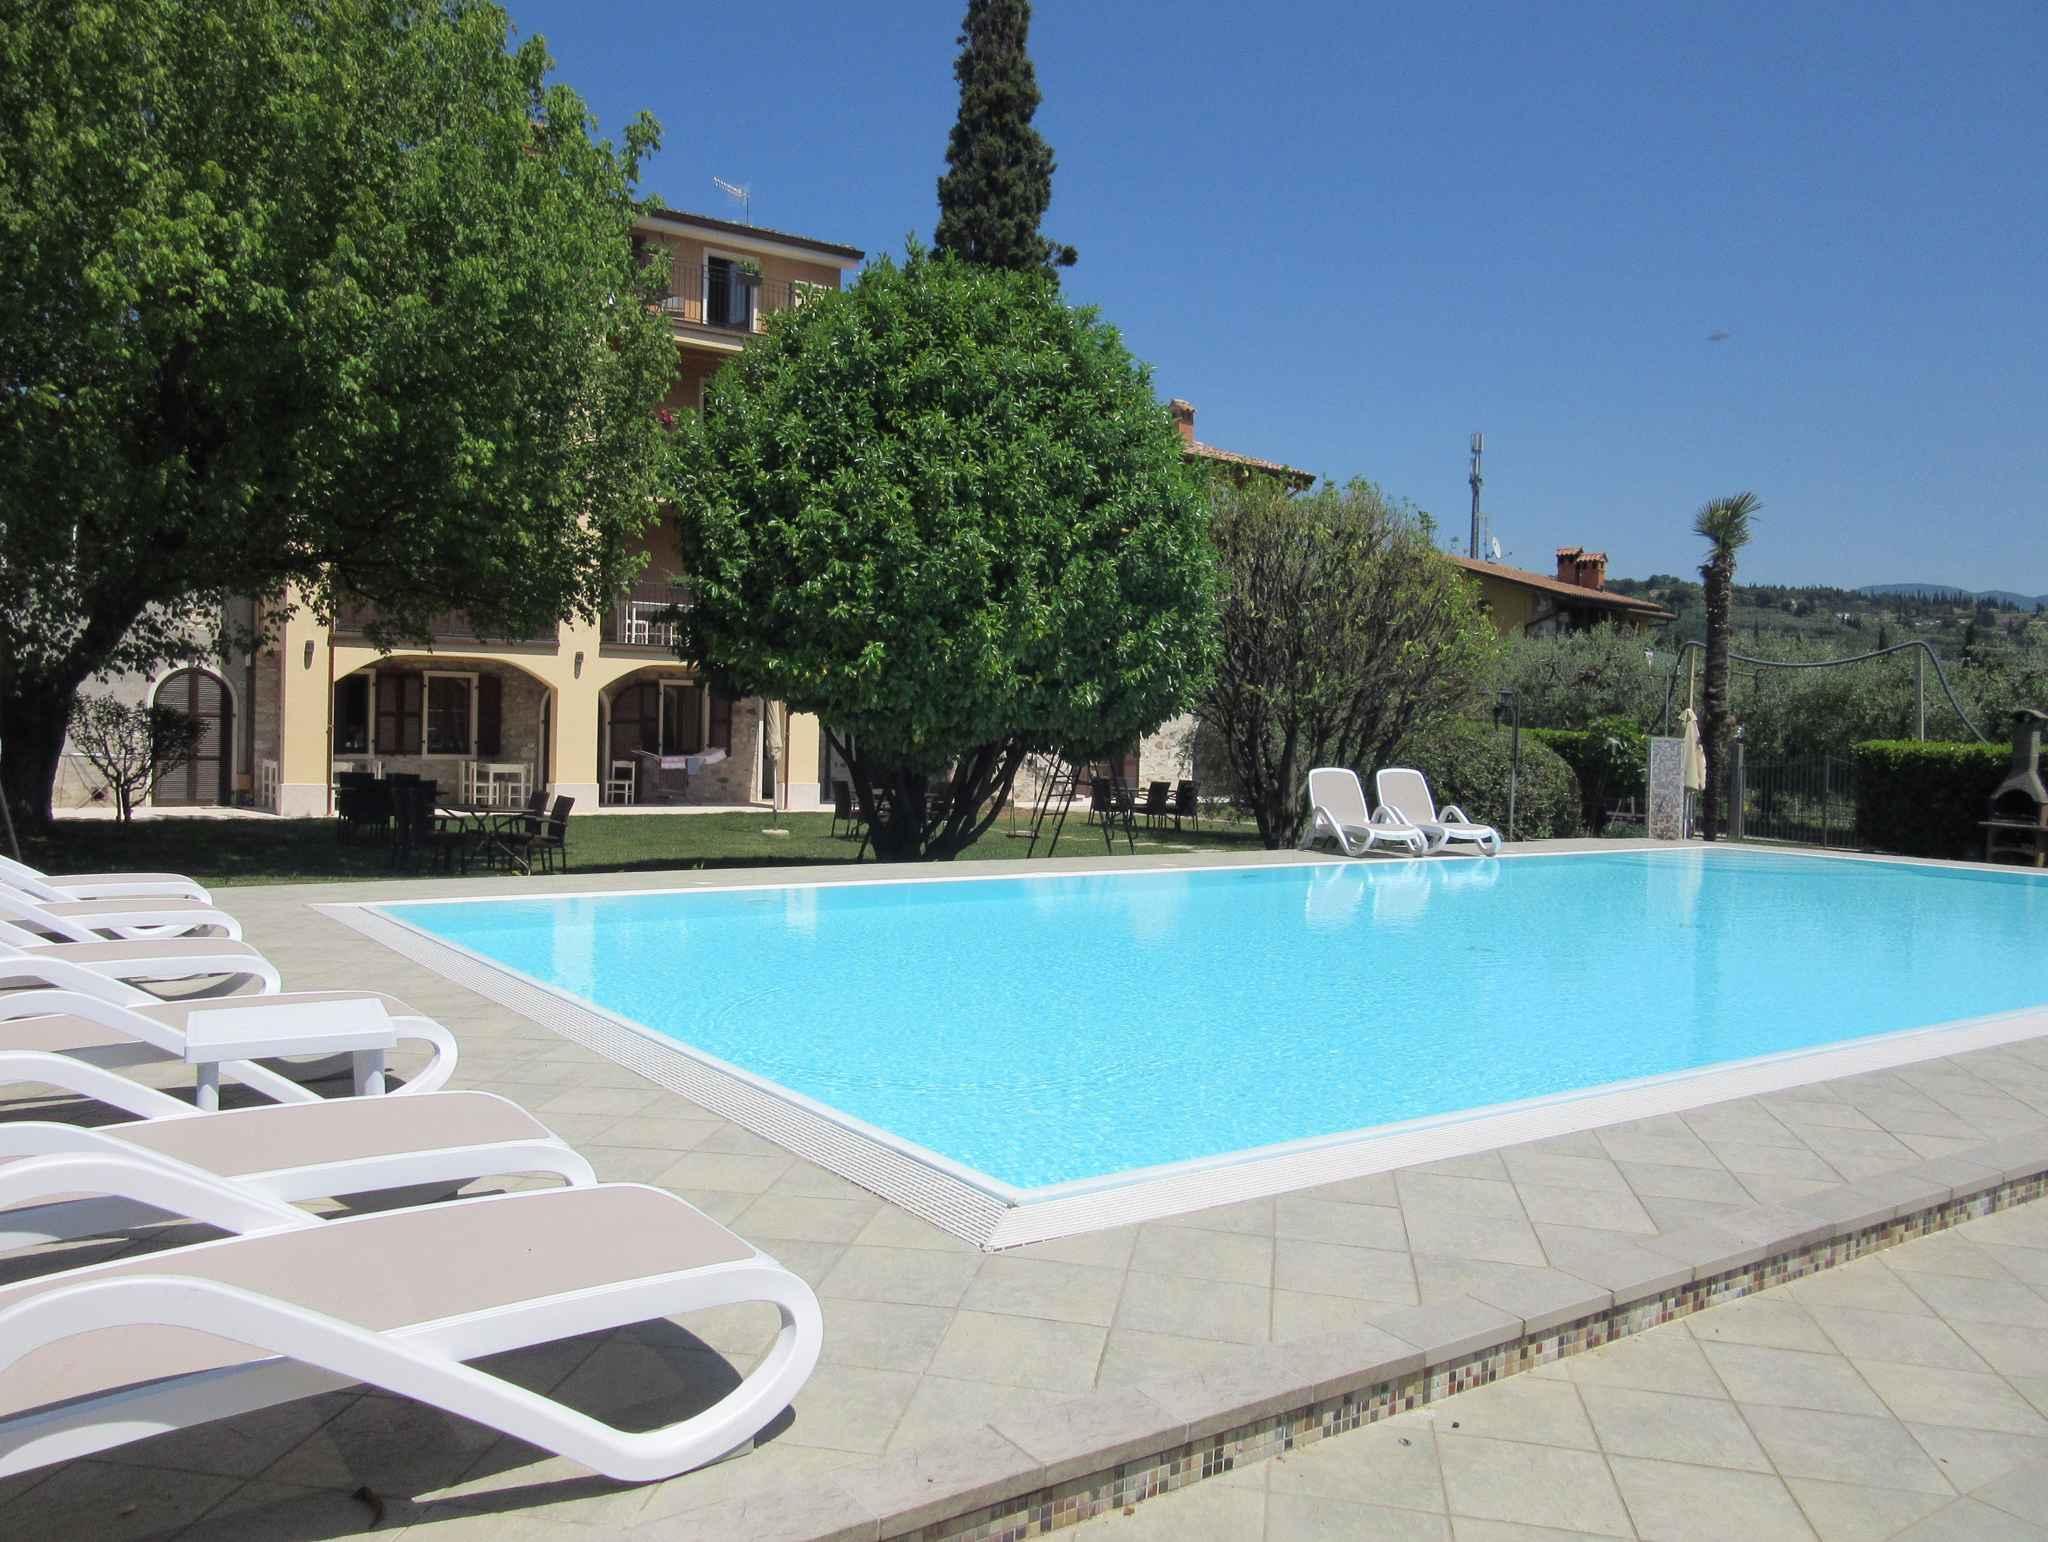 Ferienwohnung Residenz Rustico (279544), Garda, Gardasee, Venetien, Italien, Bild 12